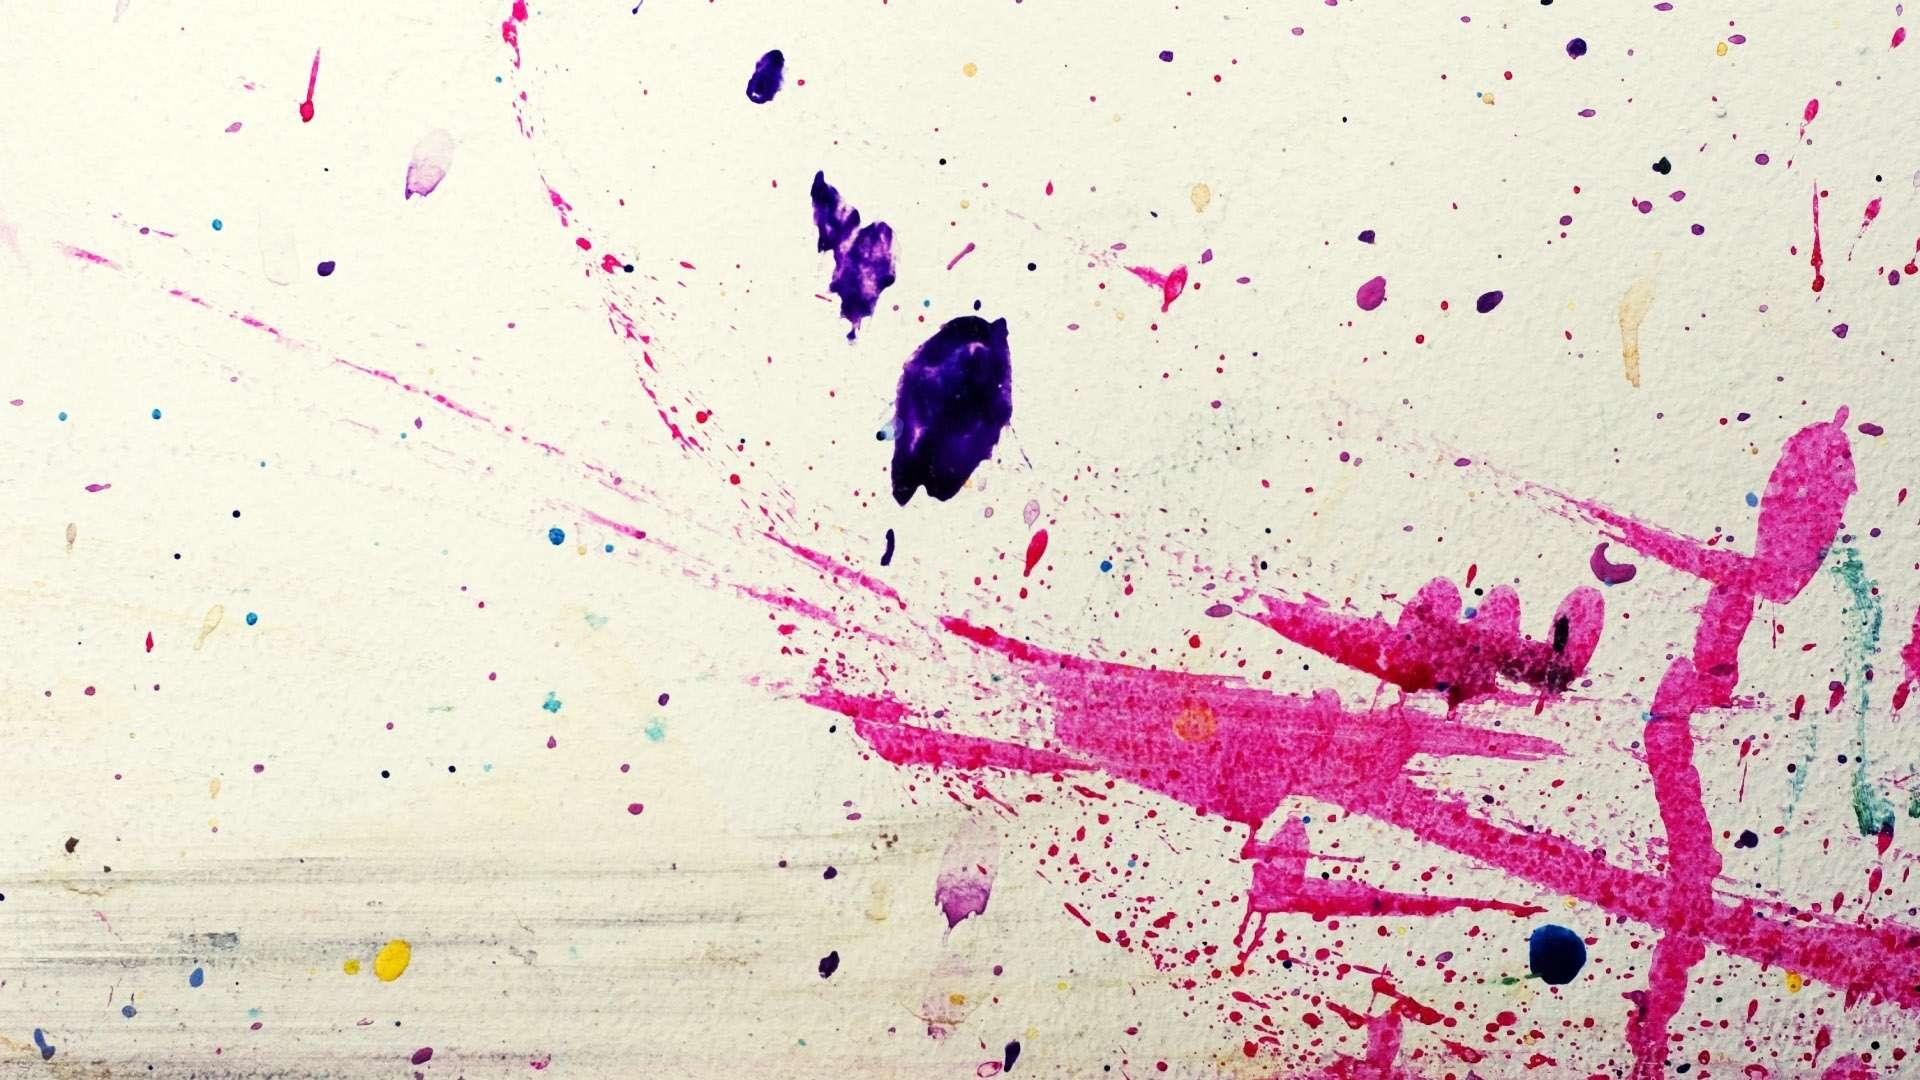 Abstract Splatter Paint High